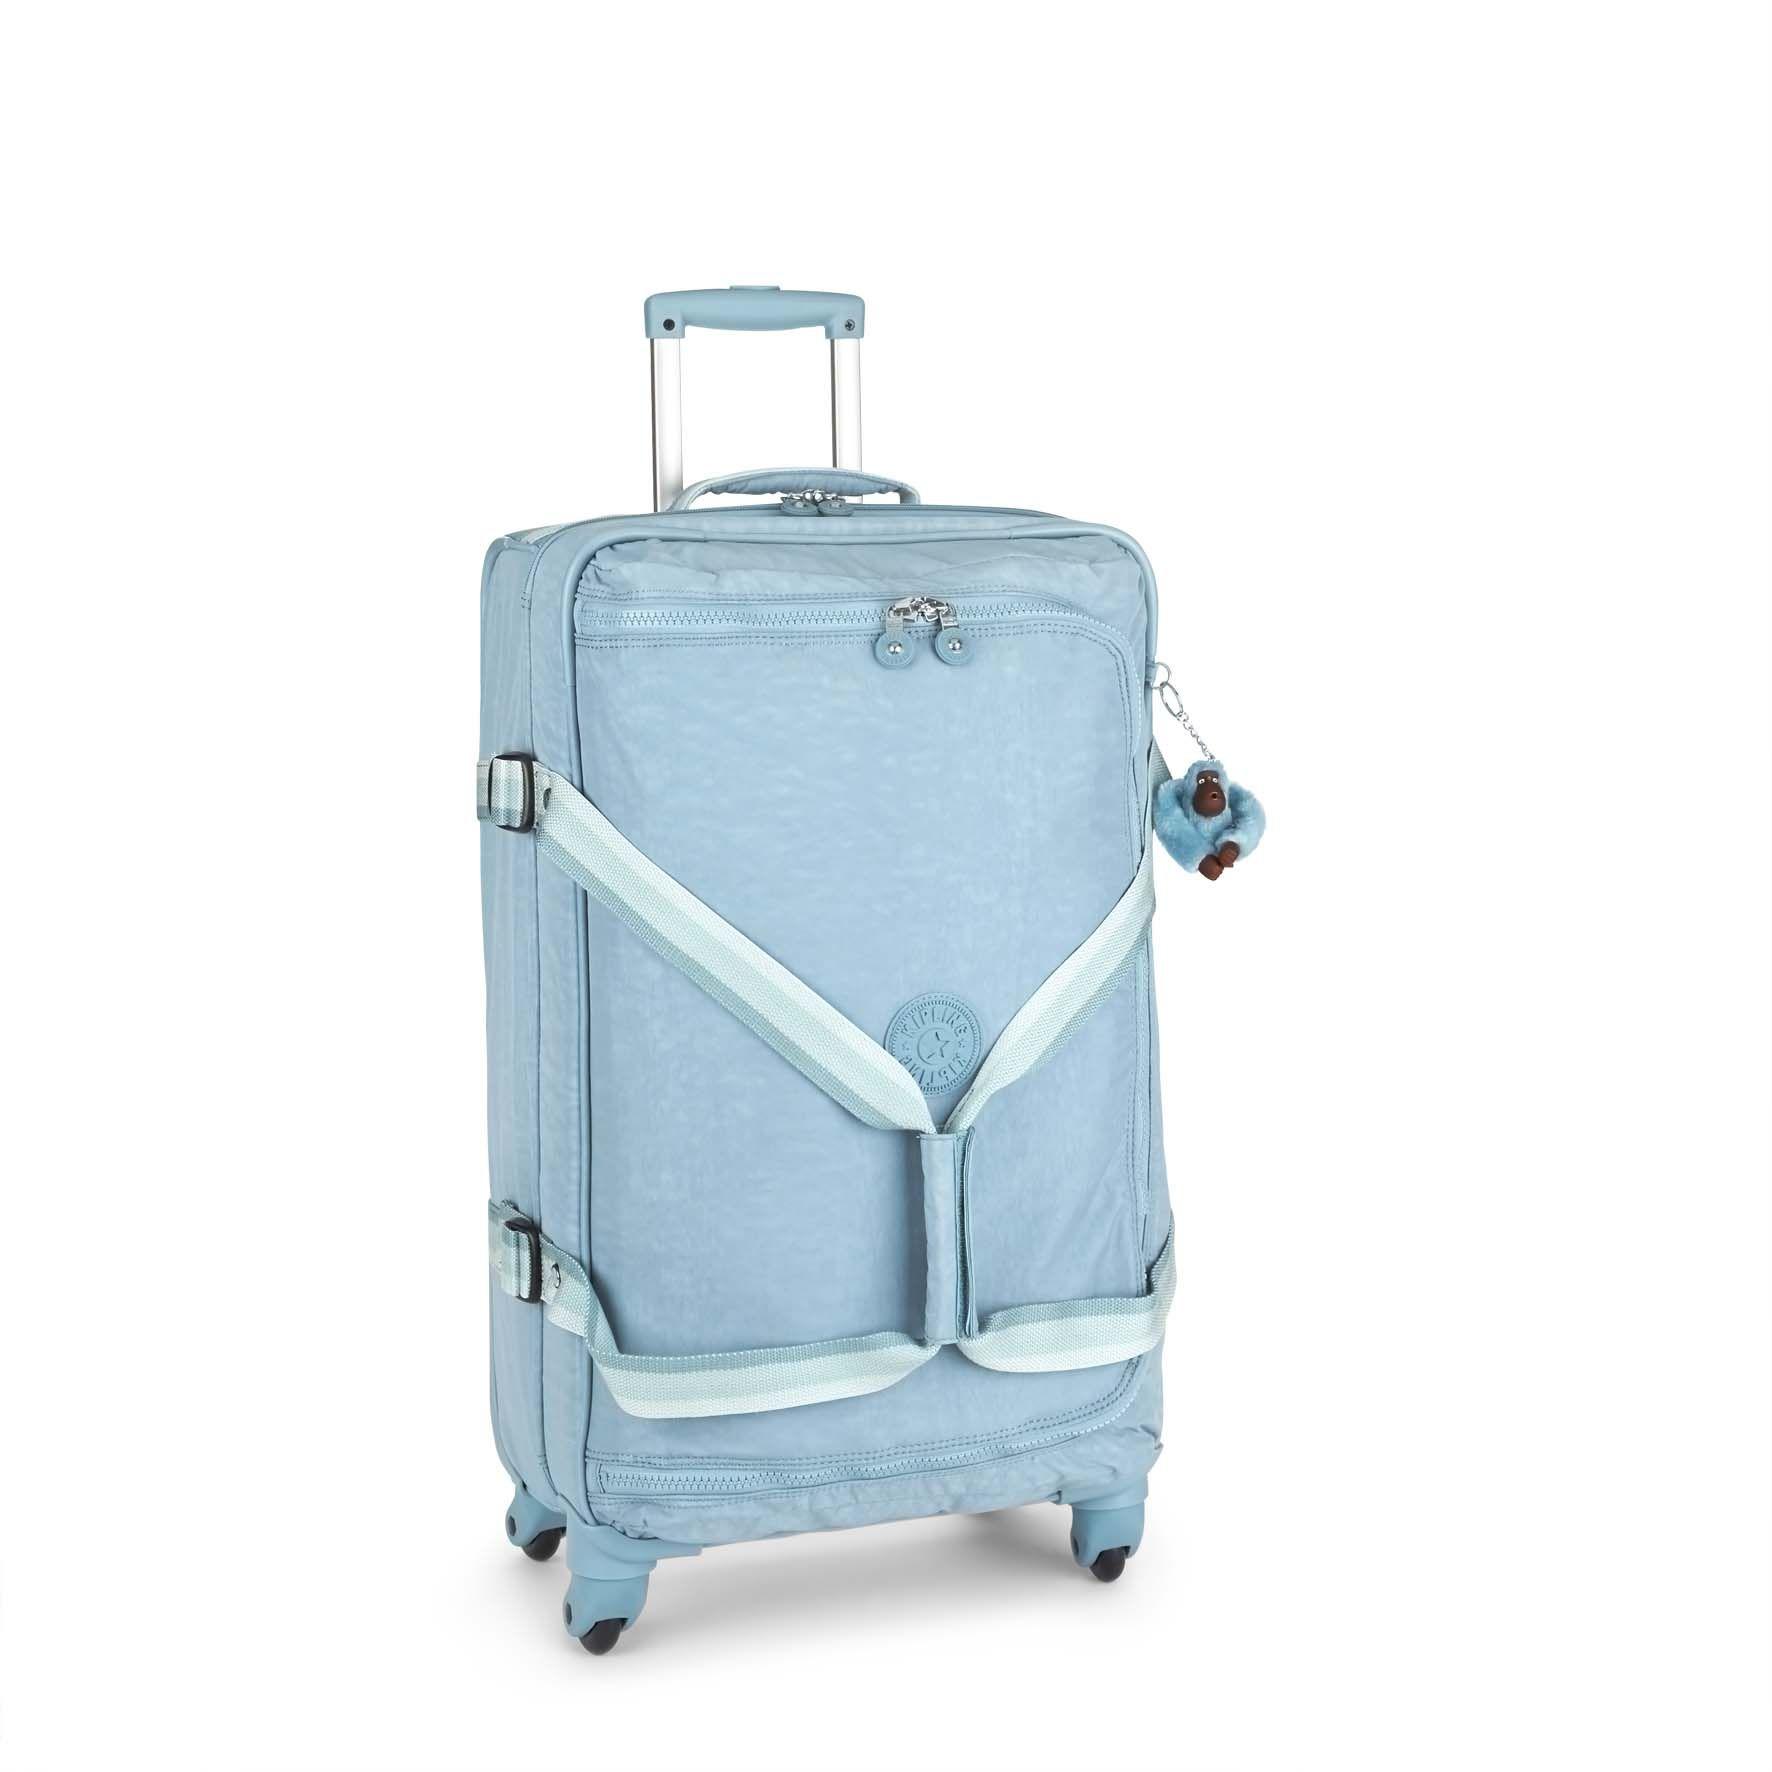 מזוודה בינונית Cyrah M - Pastel Blue Cכחול פסטלי